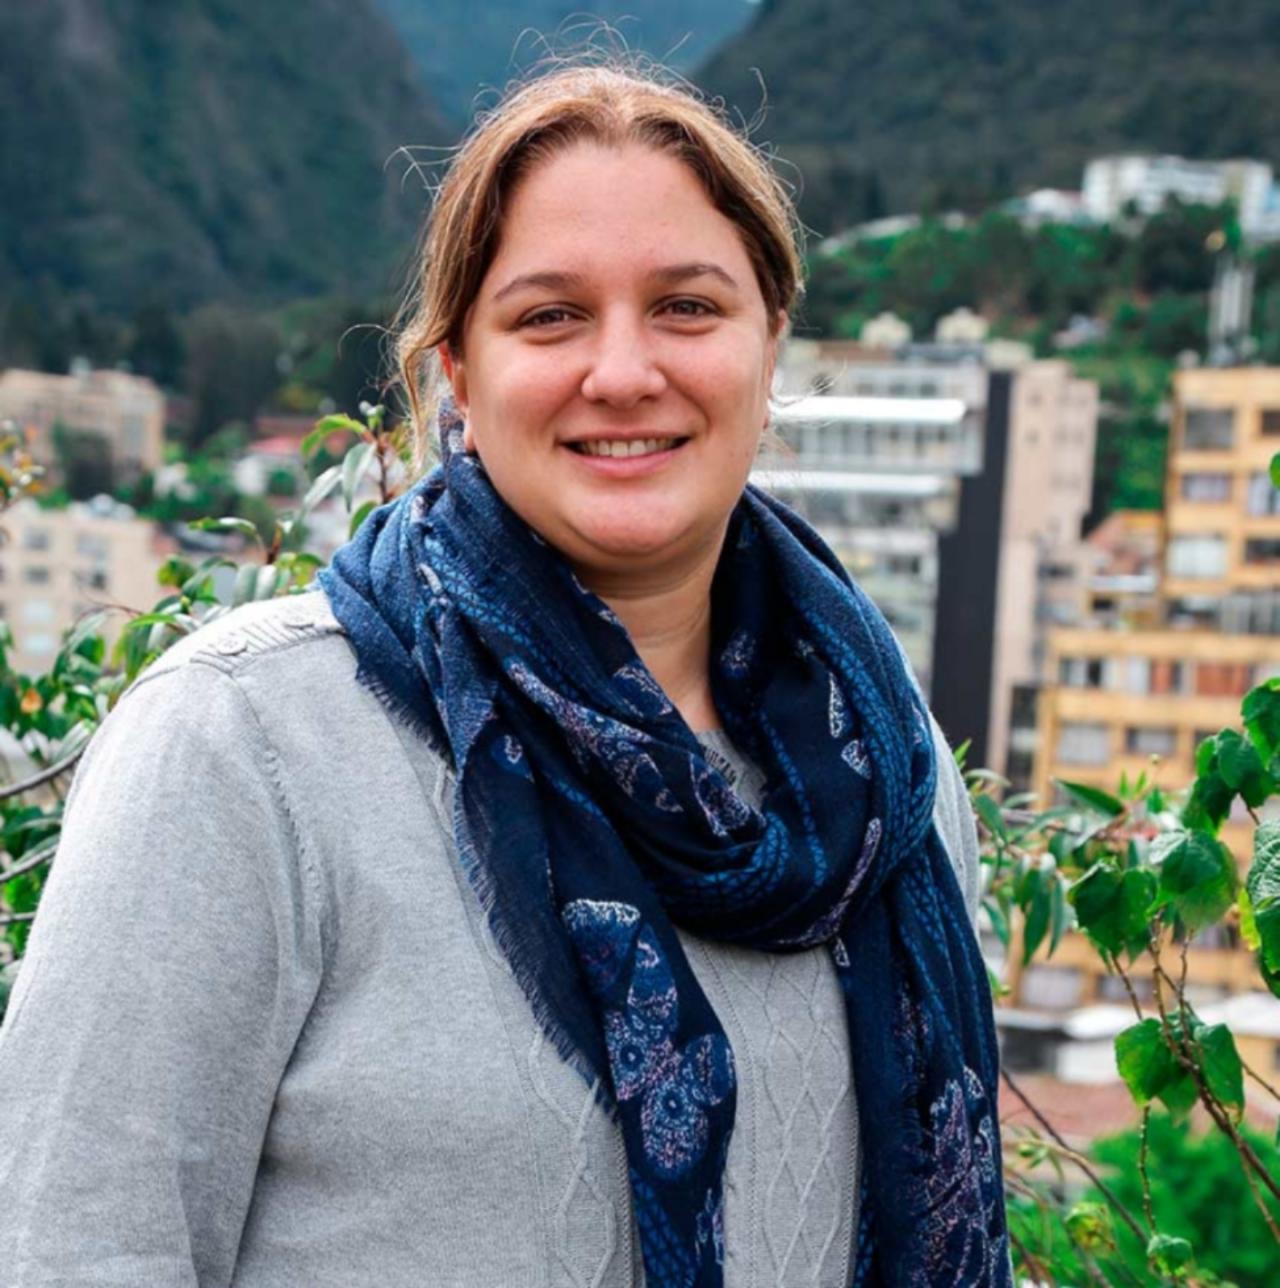 Por la equidad de género en la ciencia, la nueva propuesta de Valérie Gauthier, directora del programa MAAC en UR